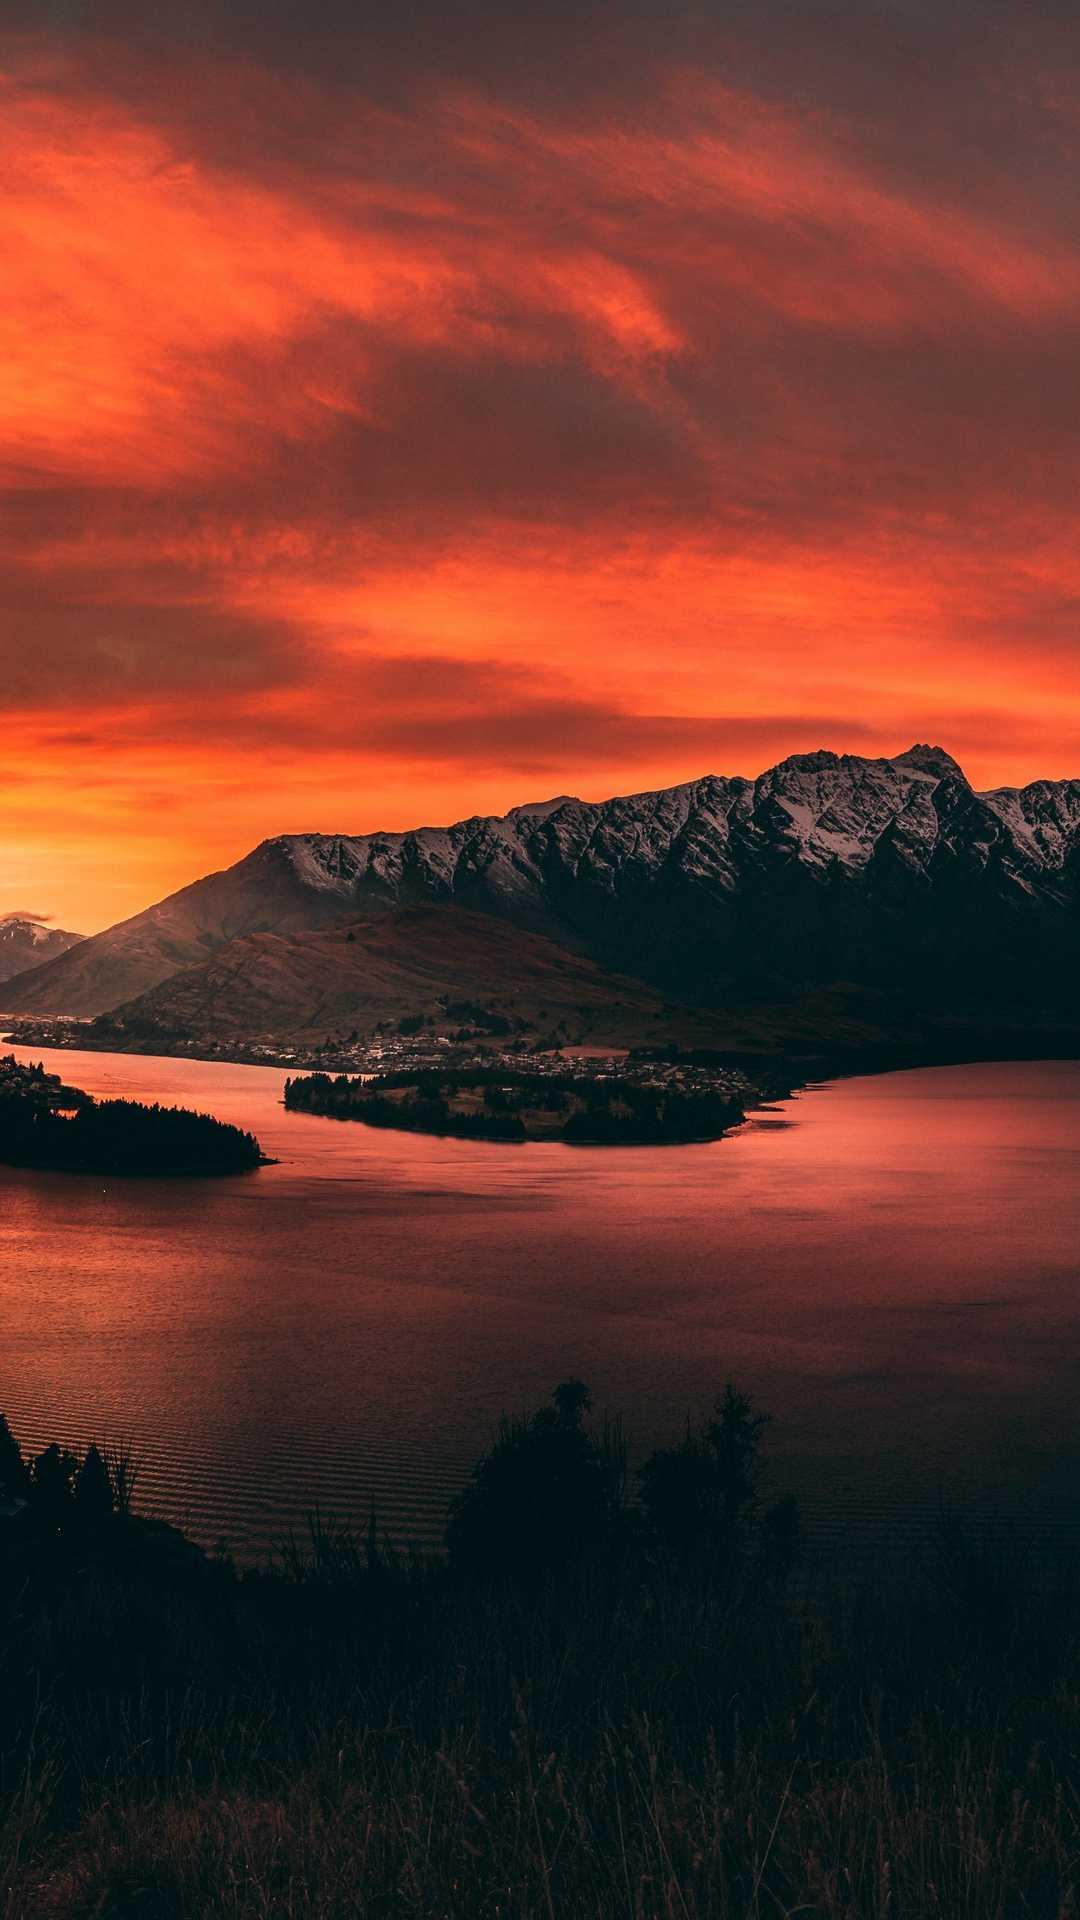 mountains sunset lake 133861 1080x1920 - Pack de Fondos de Pantalla de Montañas